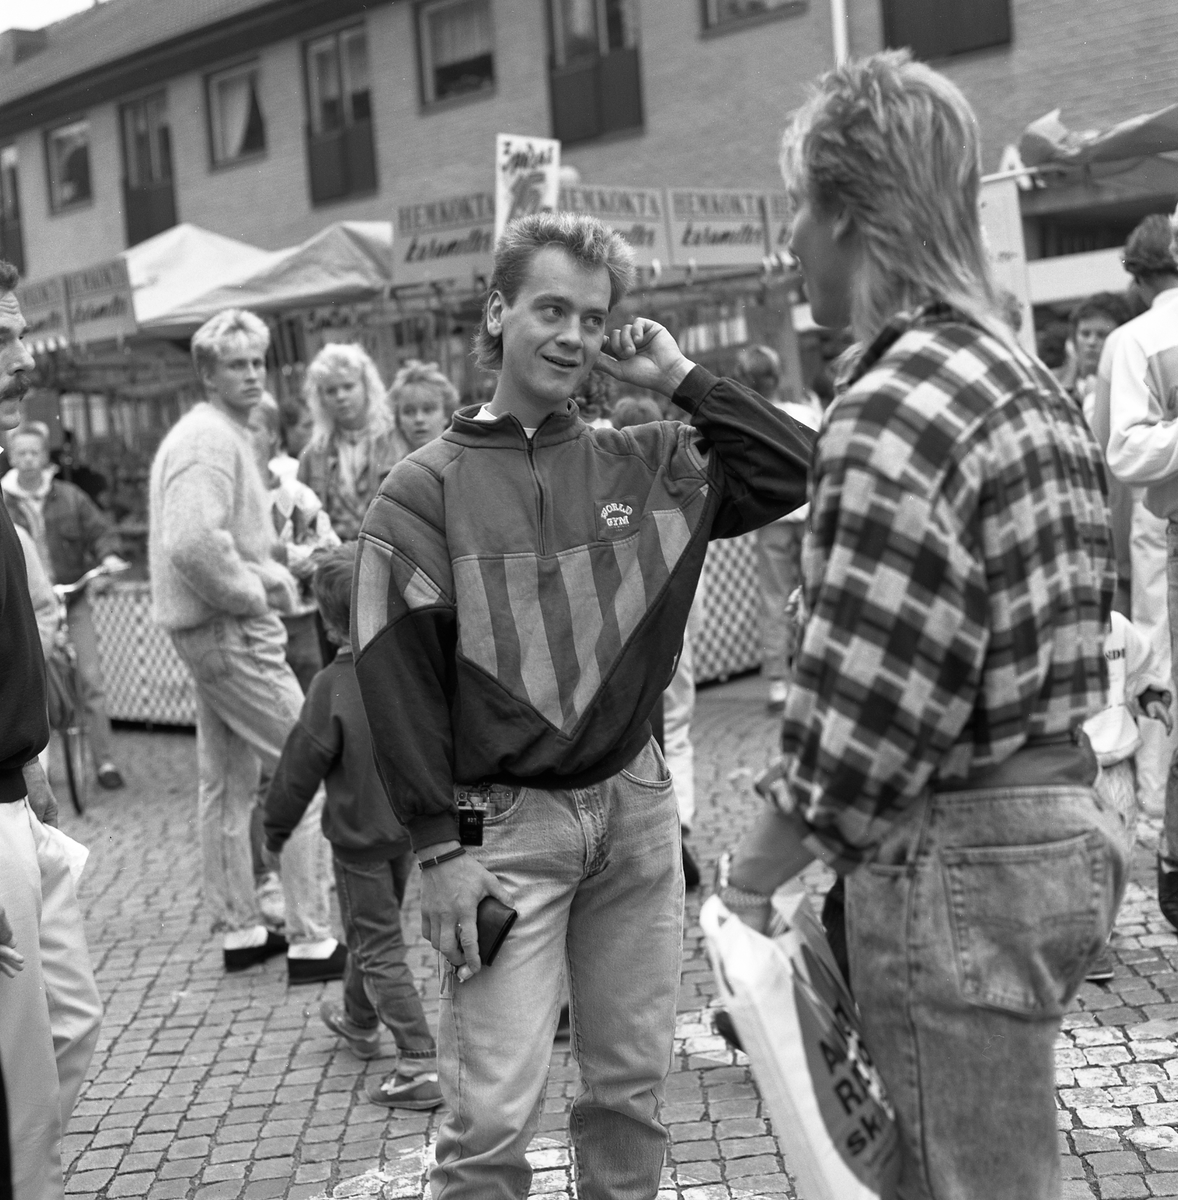 Höstmarknad på Järntorget. Två unga män samtalar. Den vänstra är Robert Andersson. Fler ungdomar i bakgrunden, längst till vänster står Peter Berg. Ett marknadsstånd med hemkokta karameller.